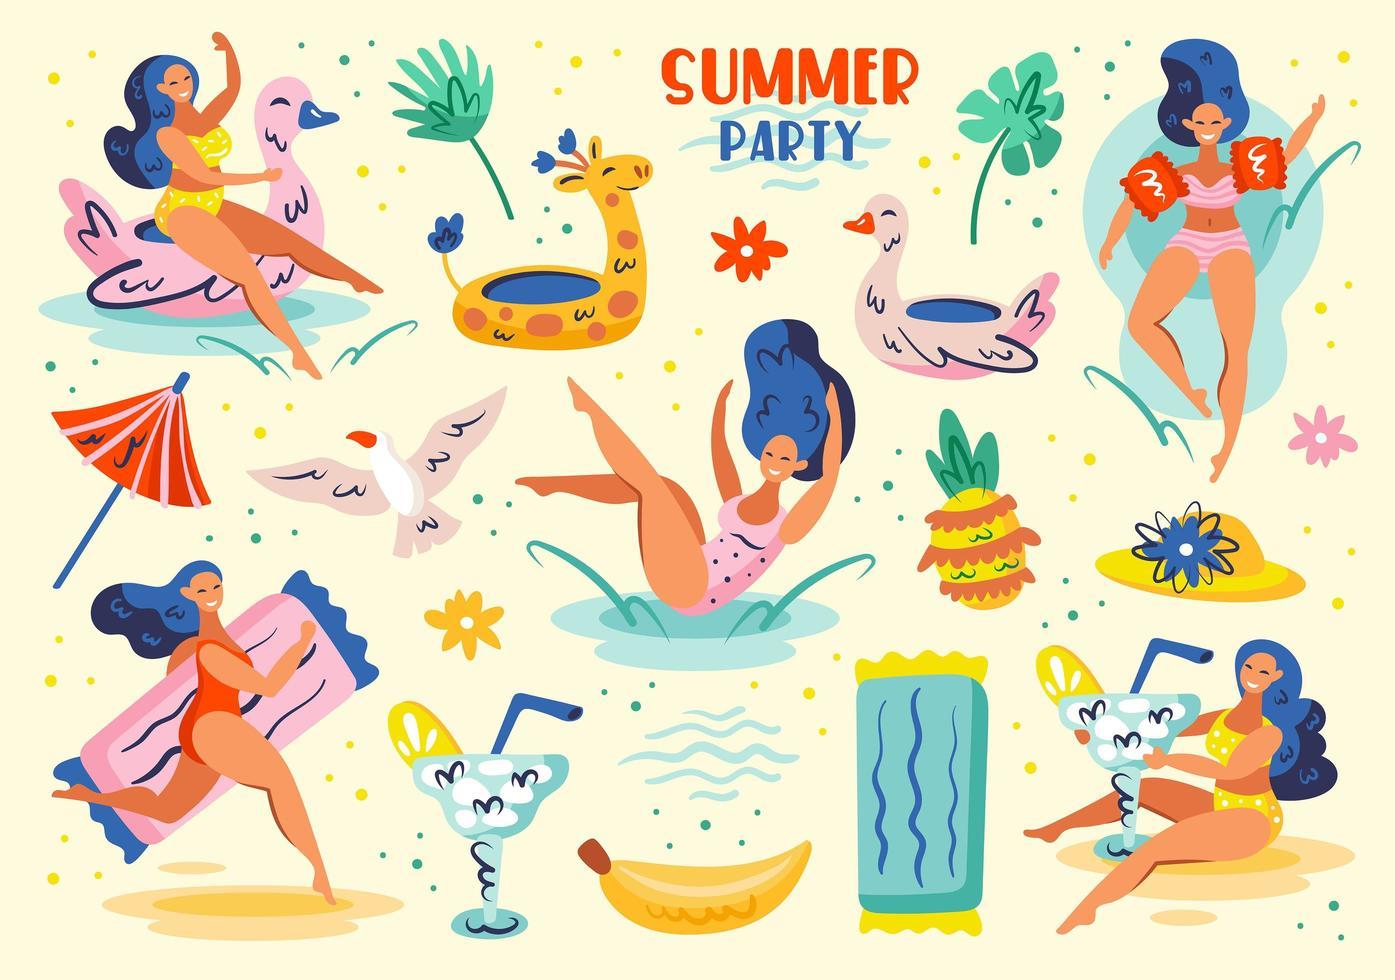 vrouw in zwembroek plezier op zomer party set vector